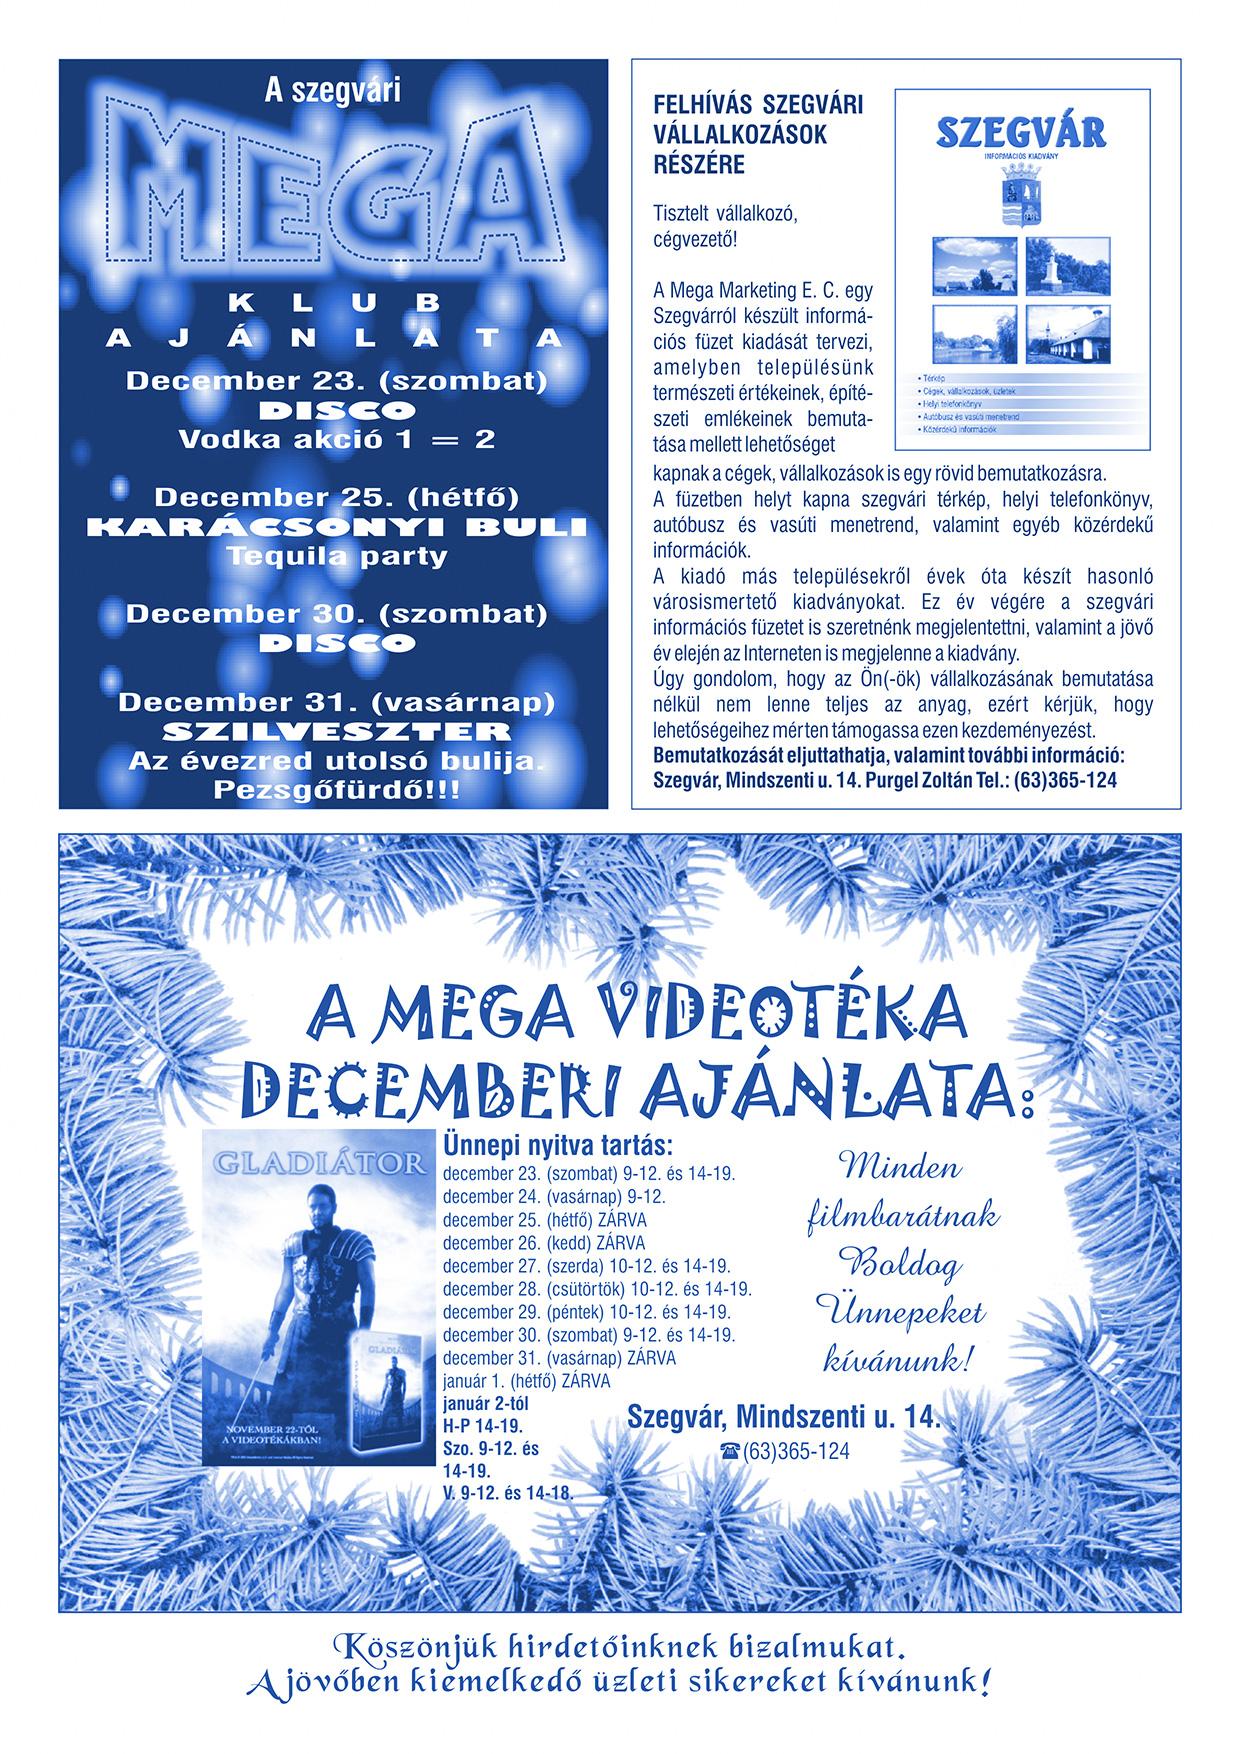 026 Tuti Tipp reklámújság - 200012-136. lapszám - 2.oldal - VI. évfolyam.jpg